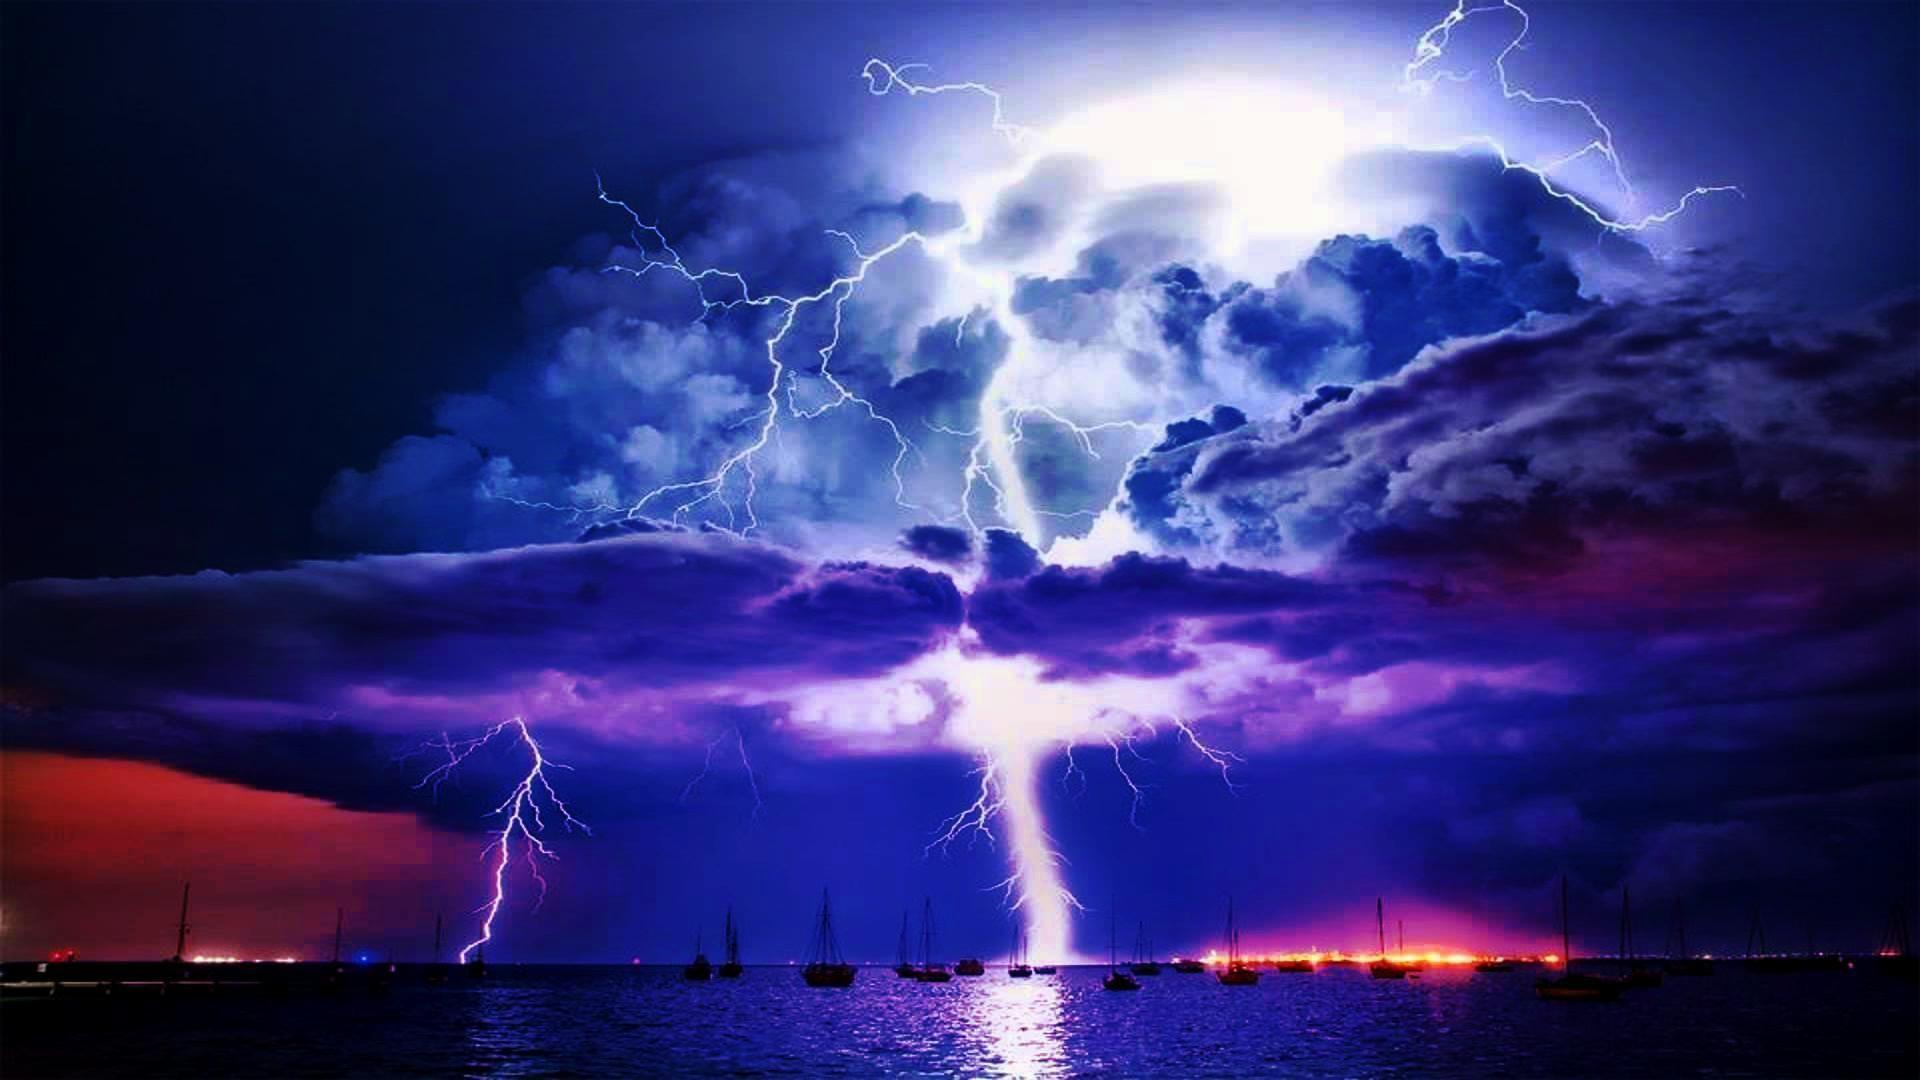 Real-lightning-storm-wallpaper-hd